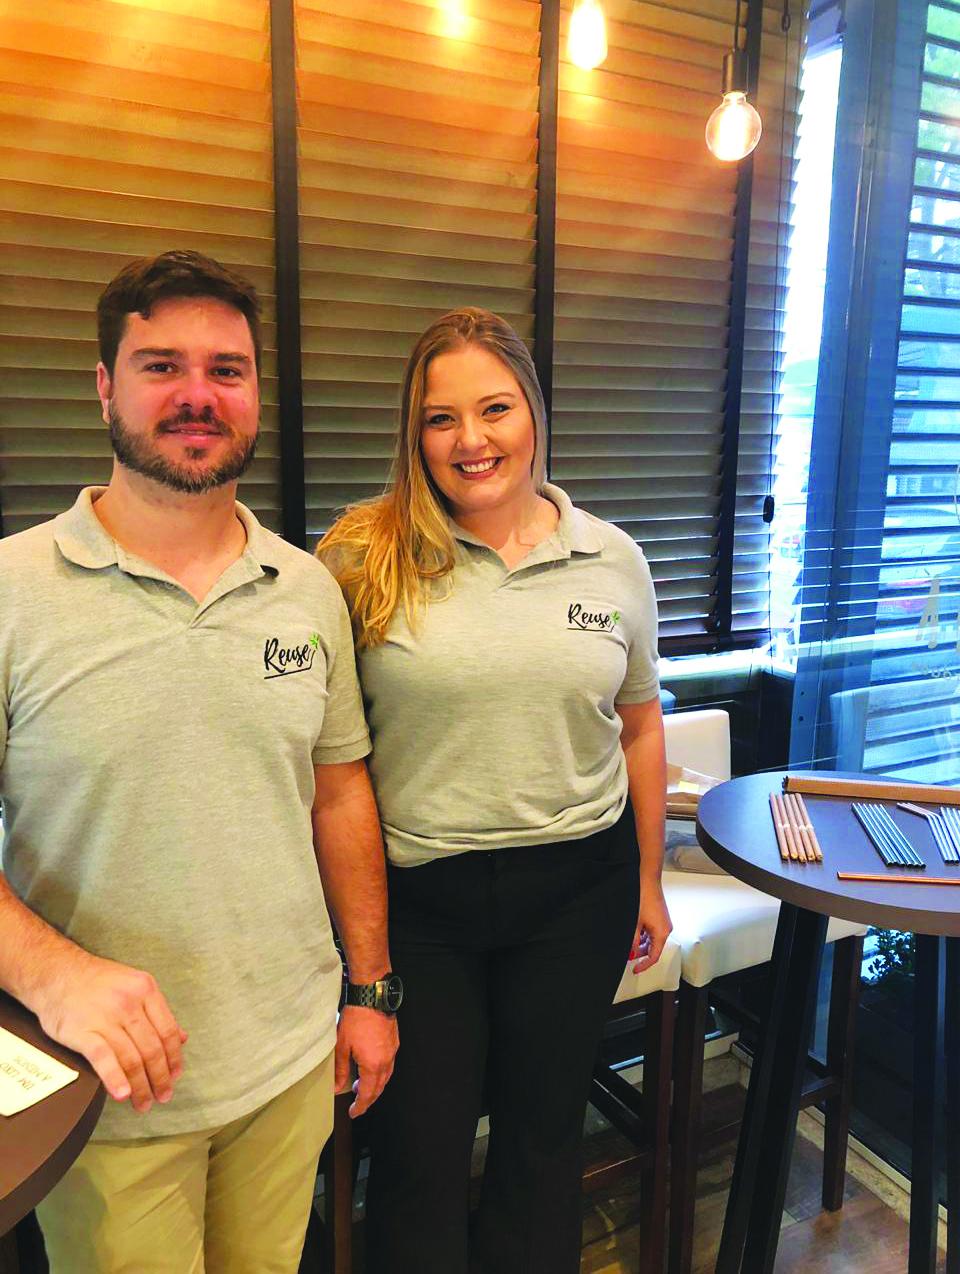 Paula e Daniel desenvolveram canudos de inox que são um sucesso - Divulgação/ND